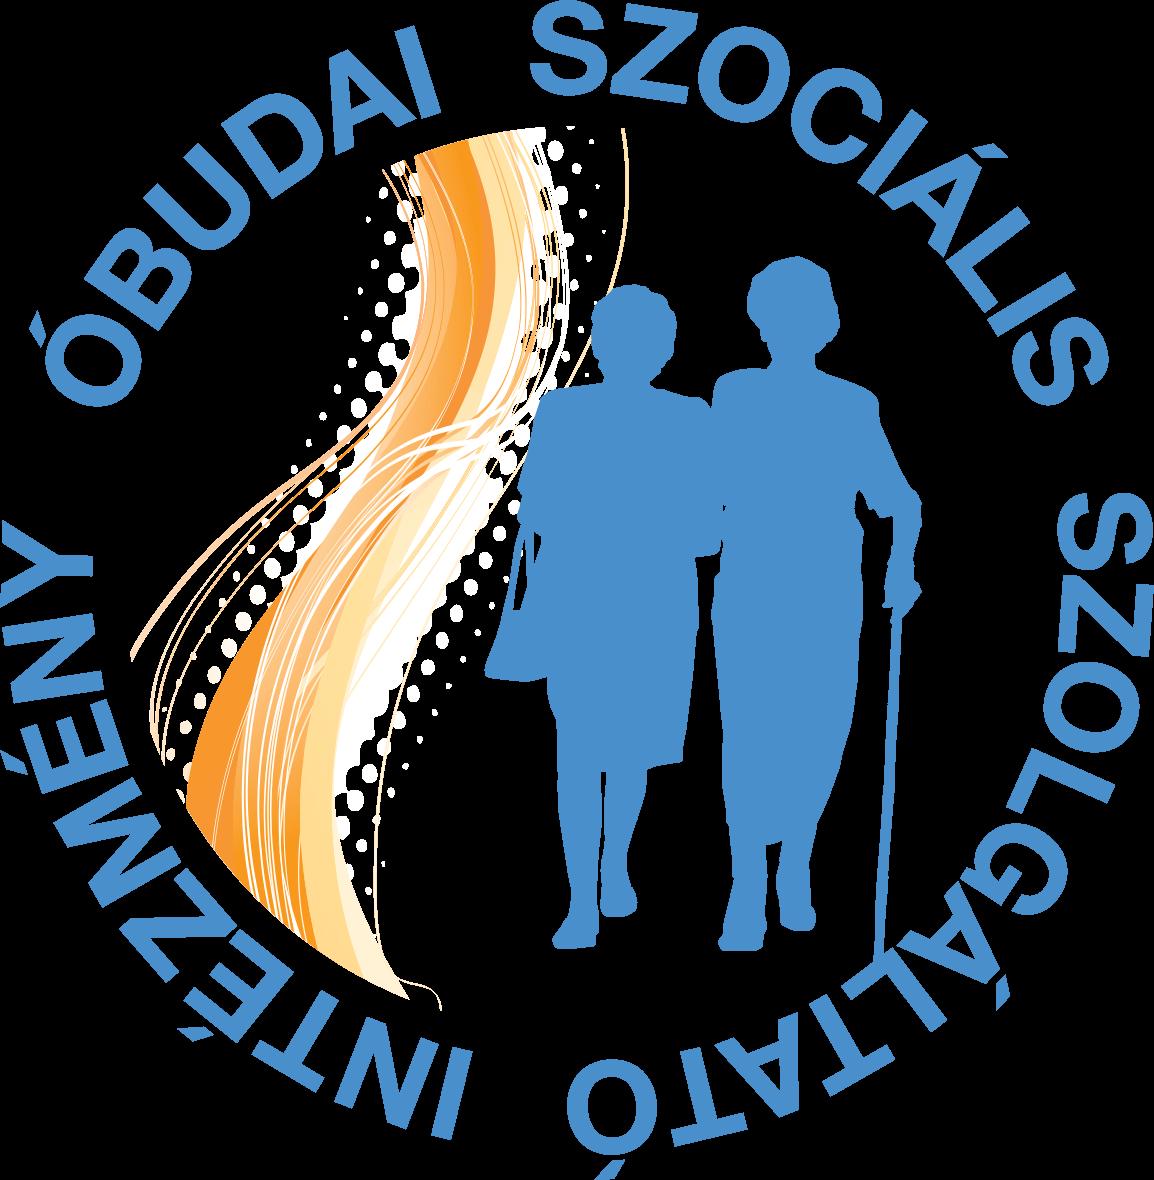 Óbudai Szociális Szolgáltató Intézmény